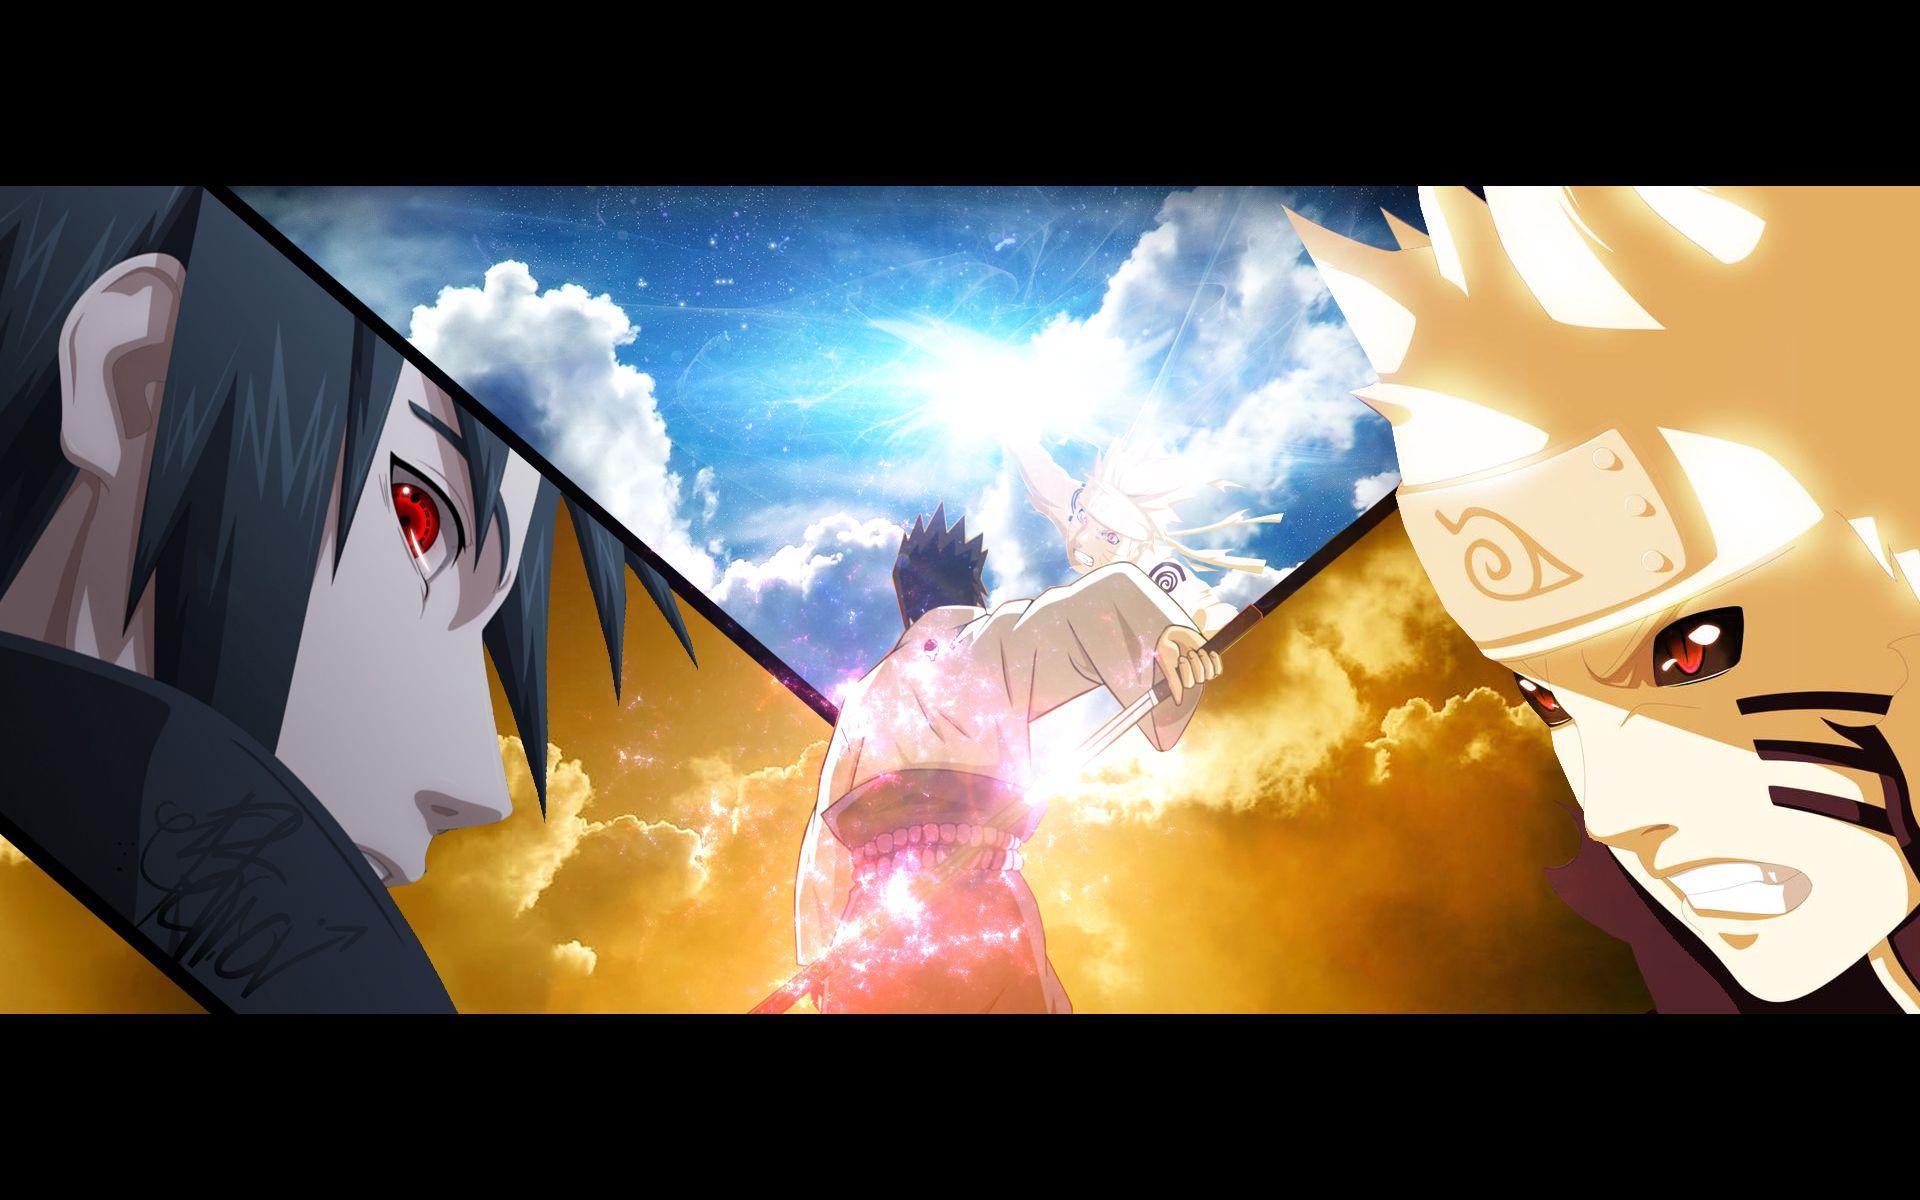 Gambar Sasuke Naruto Untuk Wallpapers Wallpaper Cave